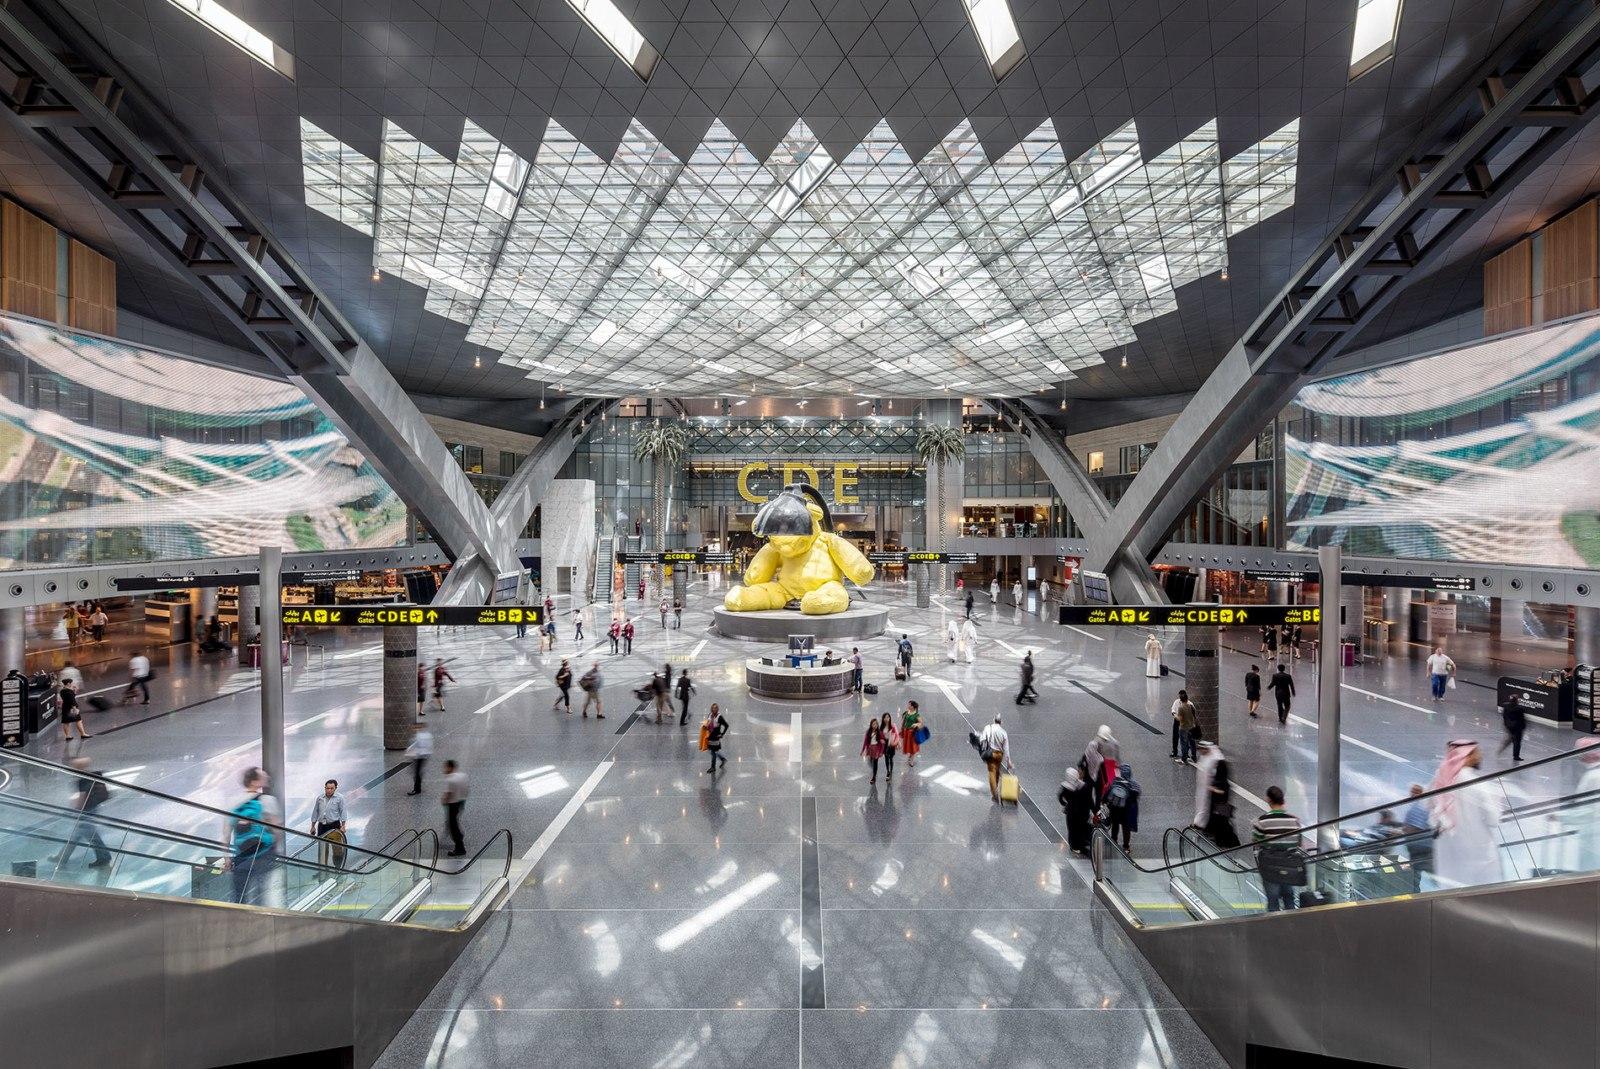 Στην ΑΚΤΩΡ για άλλα 6 χρόνια η Διαχείριση Εγκαταστάσεων του  Διεθνούς Αερολιμένα της Ντόχα